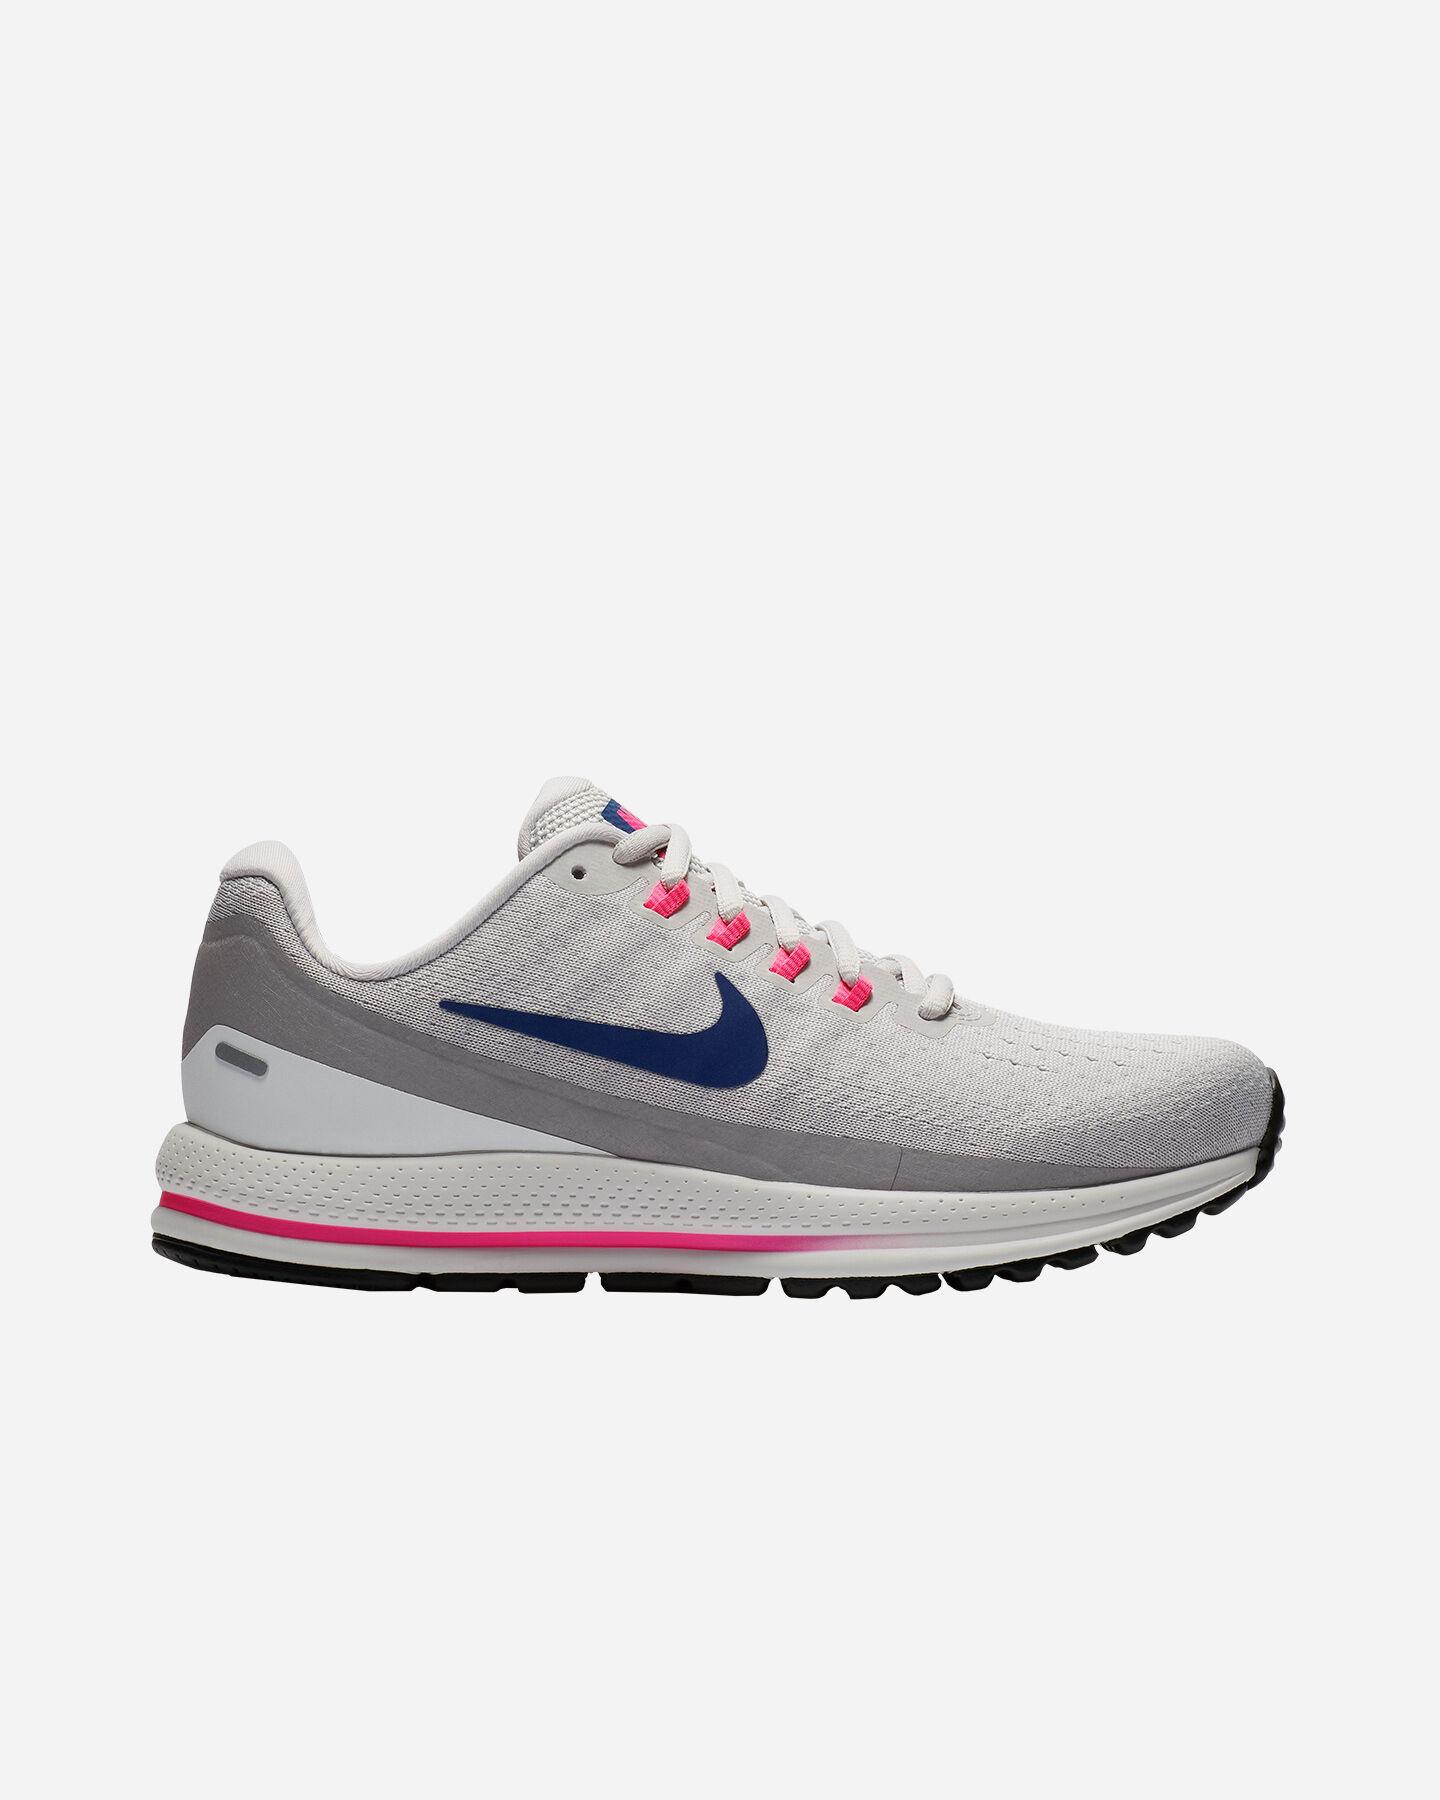 Scarpe Running Nike Air Zoom Vomero 13 W 922909-009 | Cisalfa Sport